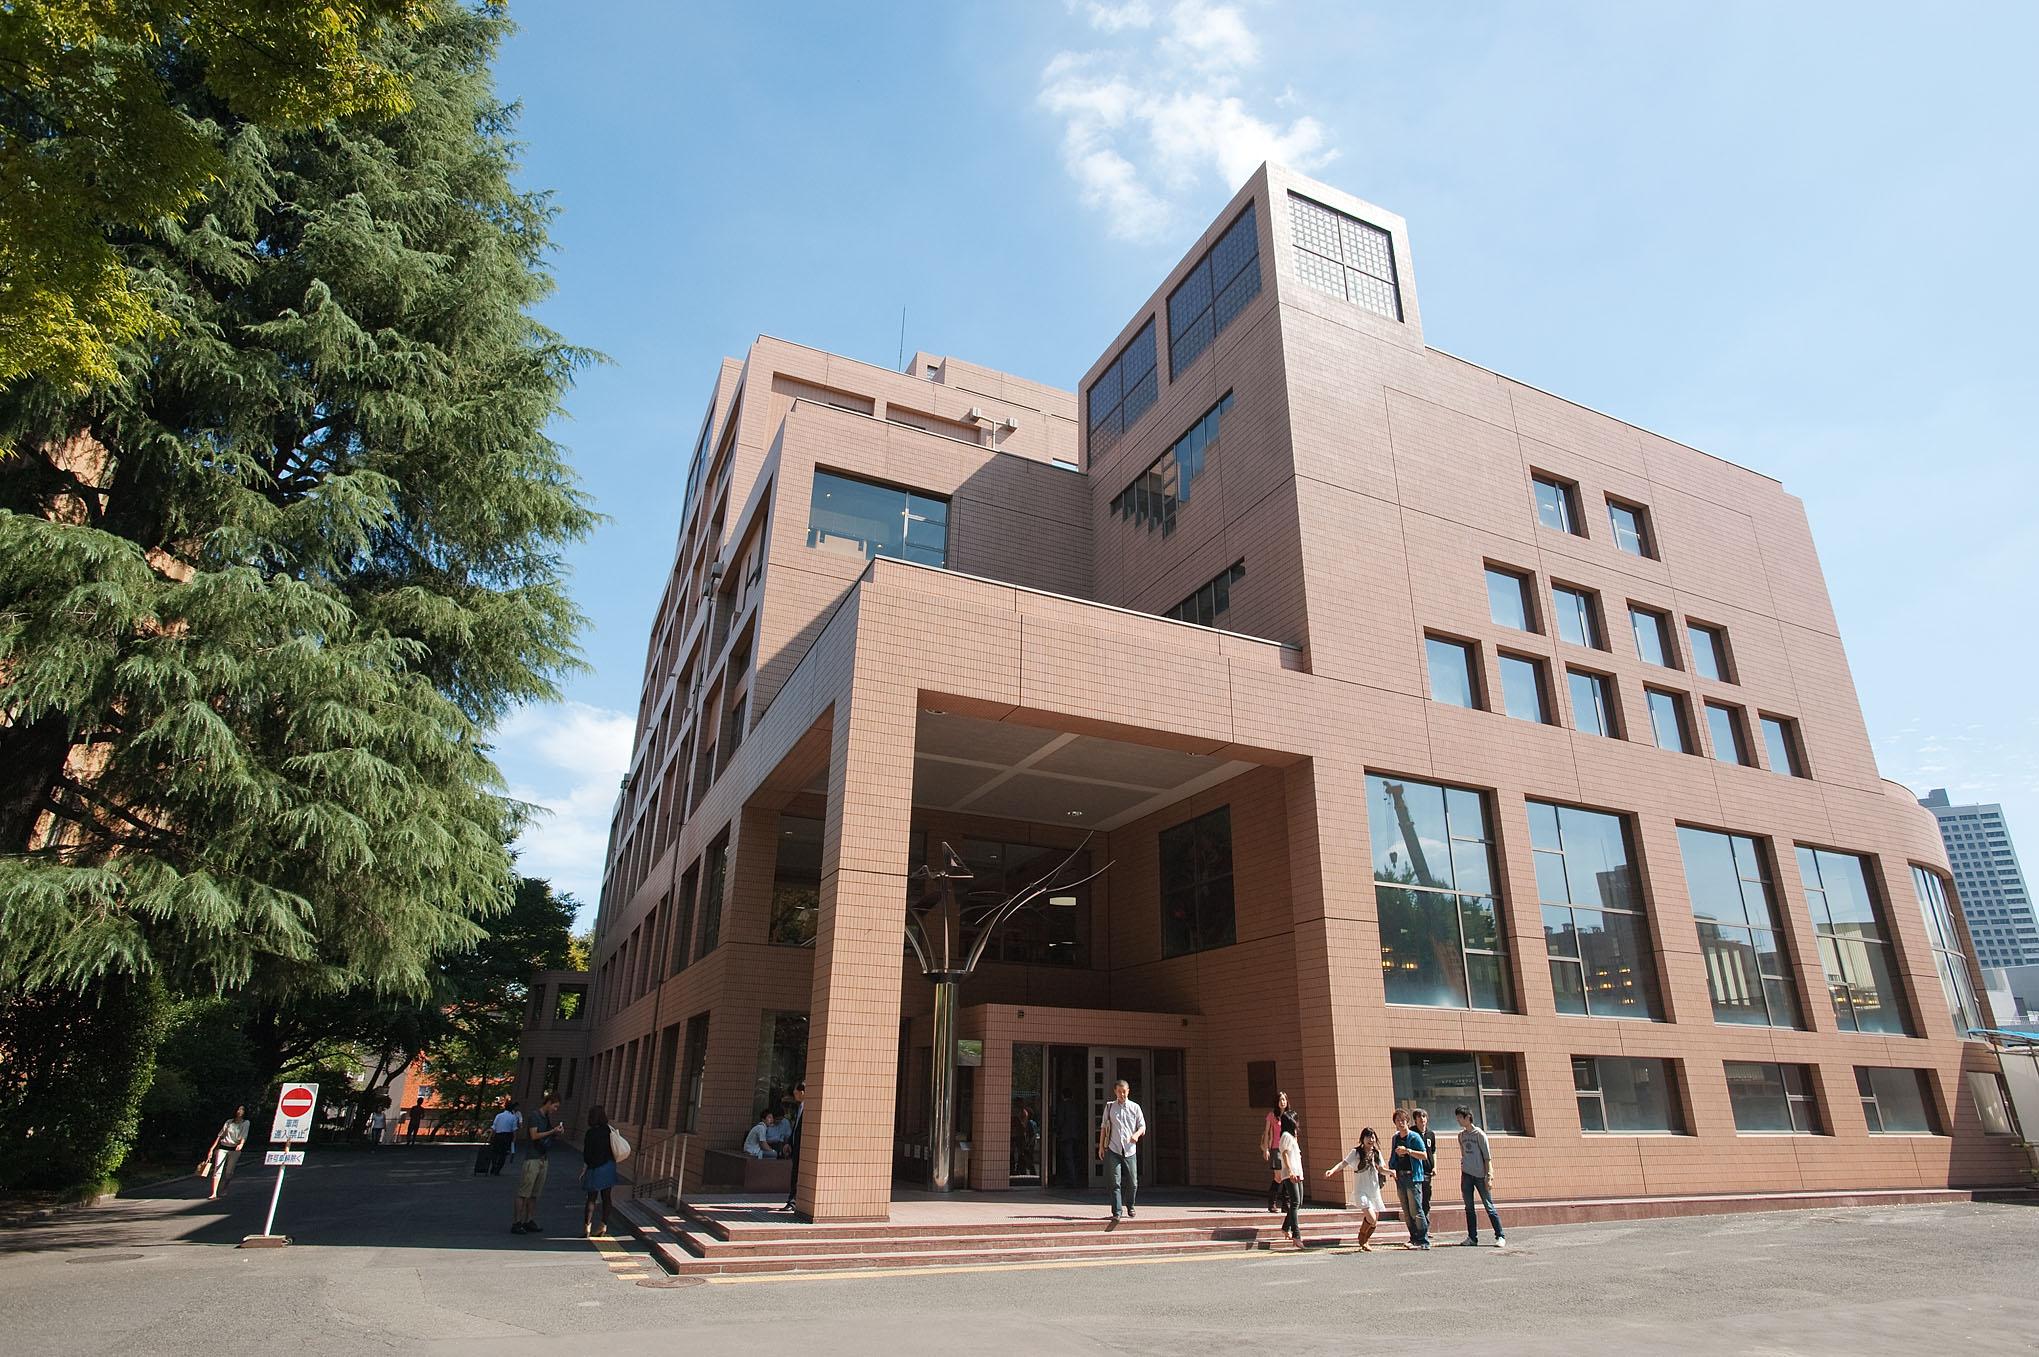 利用できる資料 - CD・DVD検索端末「C」 - Keio University LibGuides ...